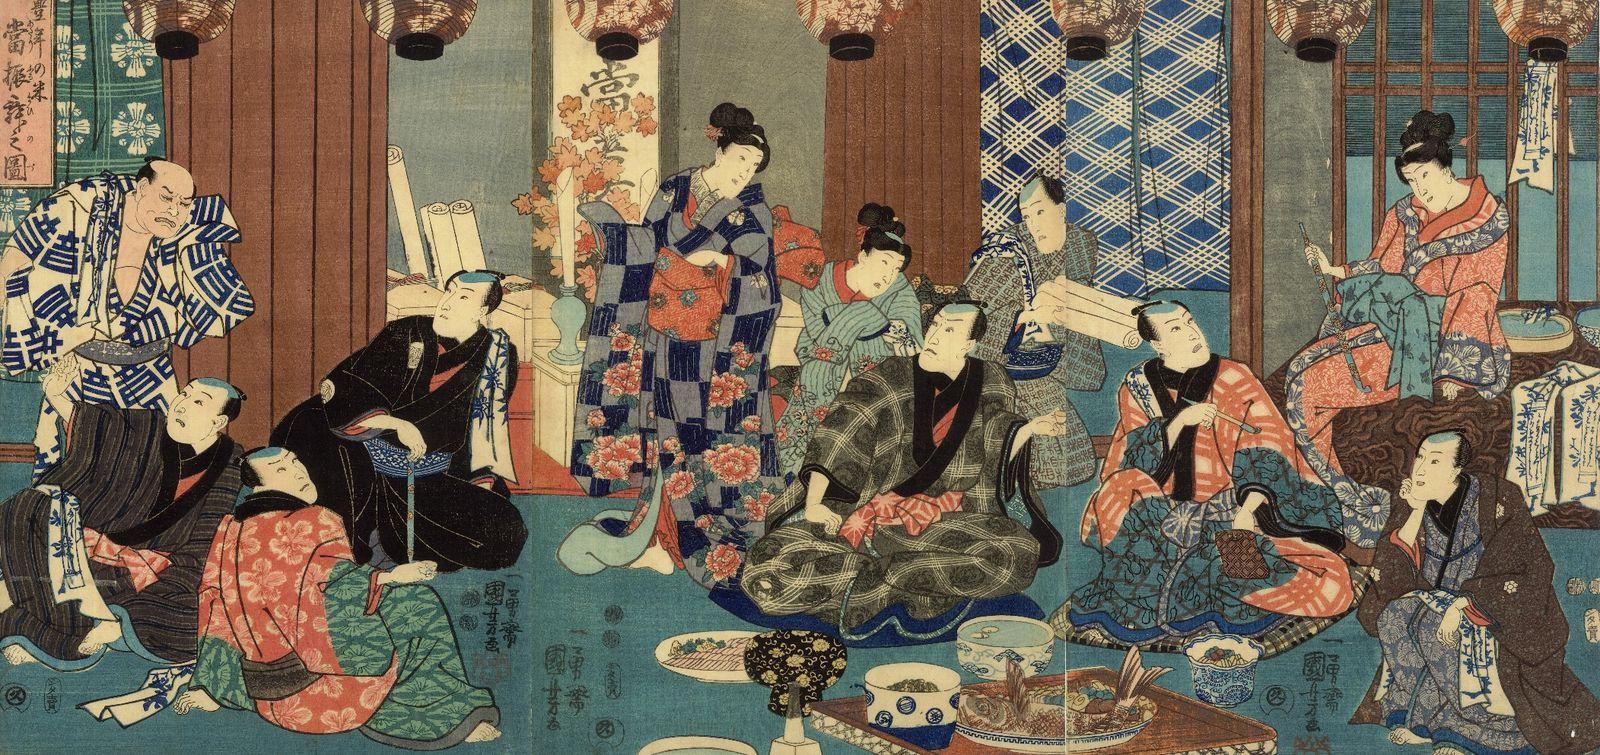 vends triptyque d'Estampes Japonaises Originales XIXème Kuniyoshi &quot&#x3B;Geishas Samouraïs&quot&#x3B;